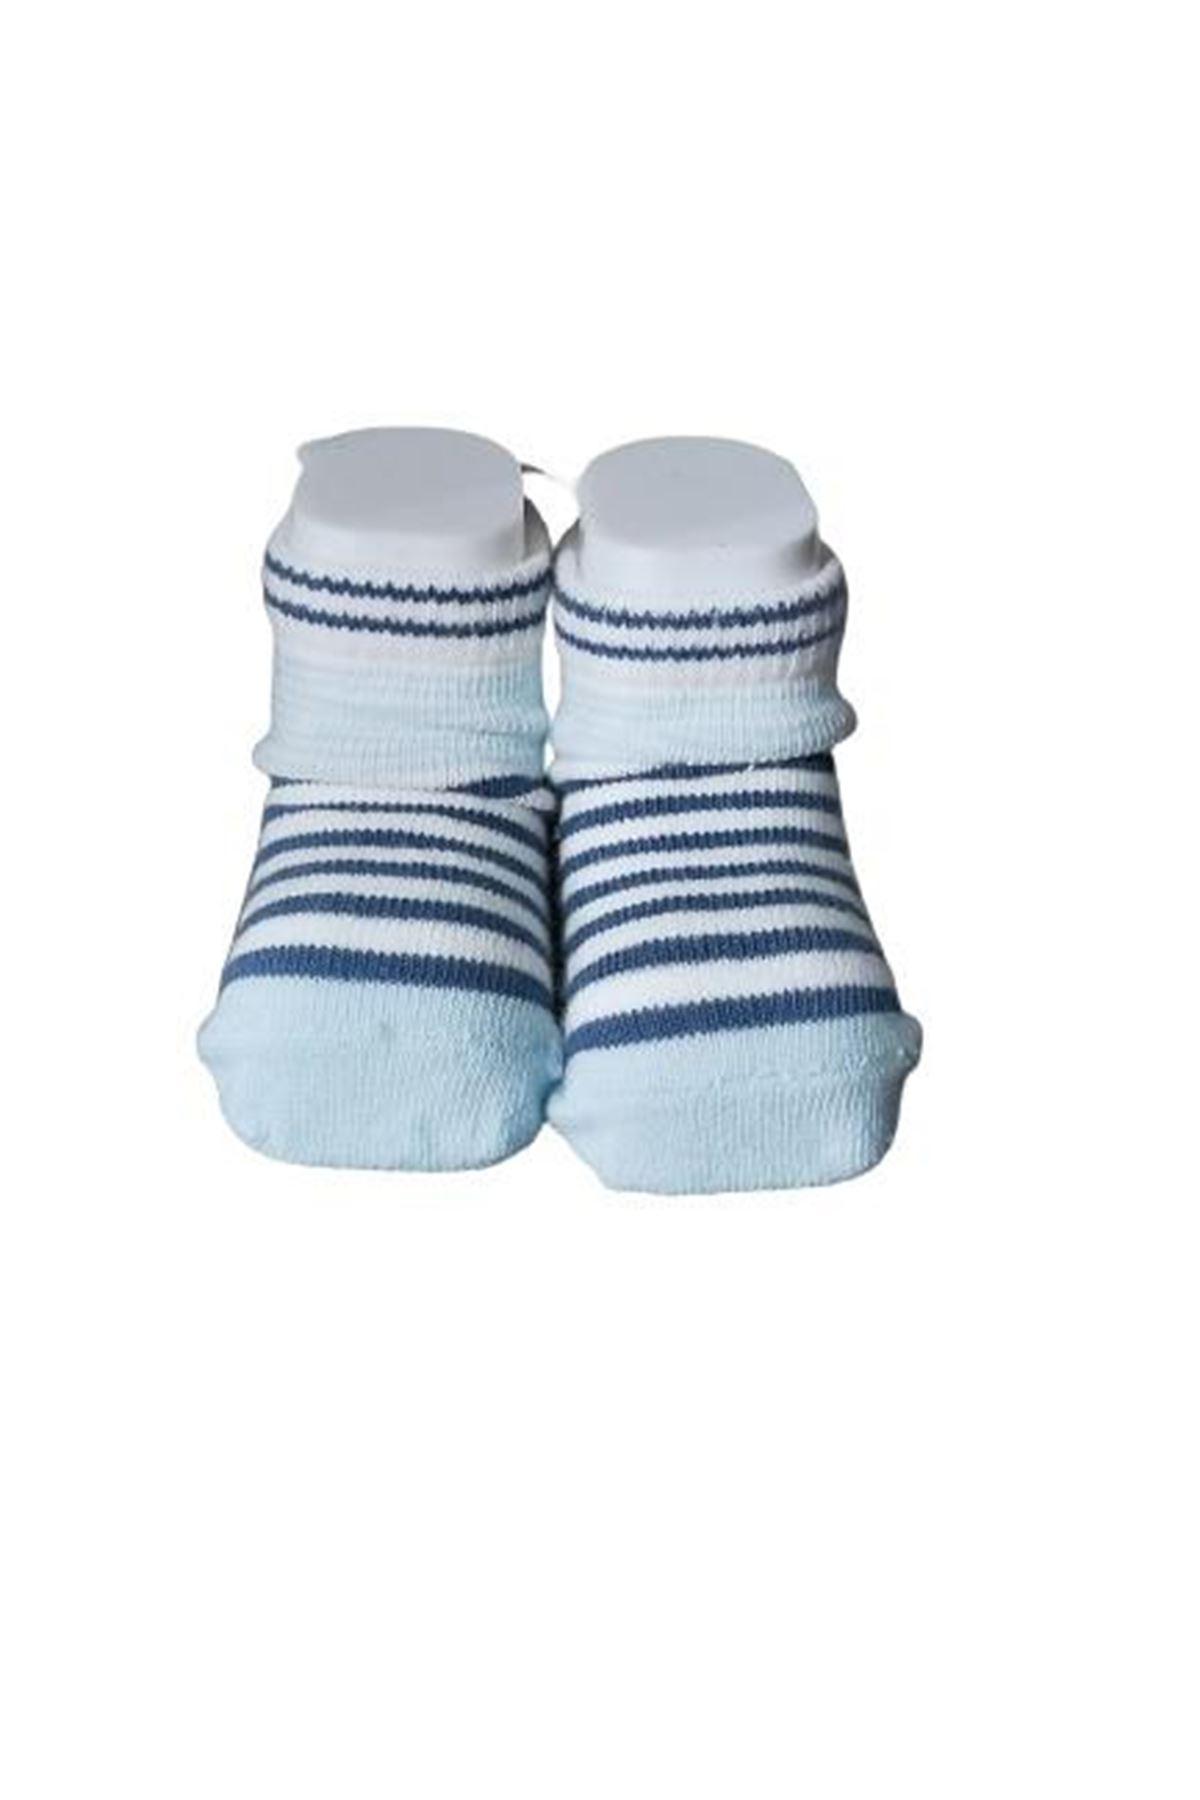 Albimini Minidamla Desenli Ayaklı Erkek Bebe Çorabı 44445 Karışık Renkli